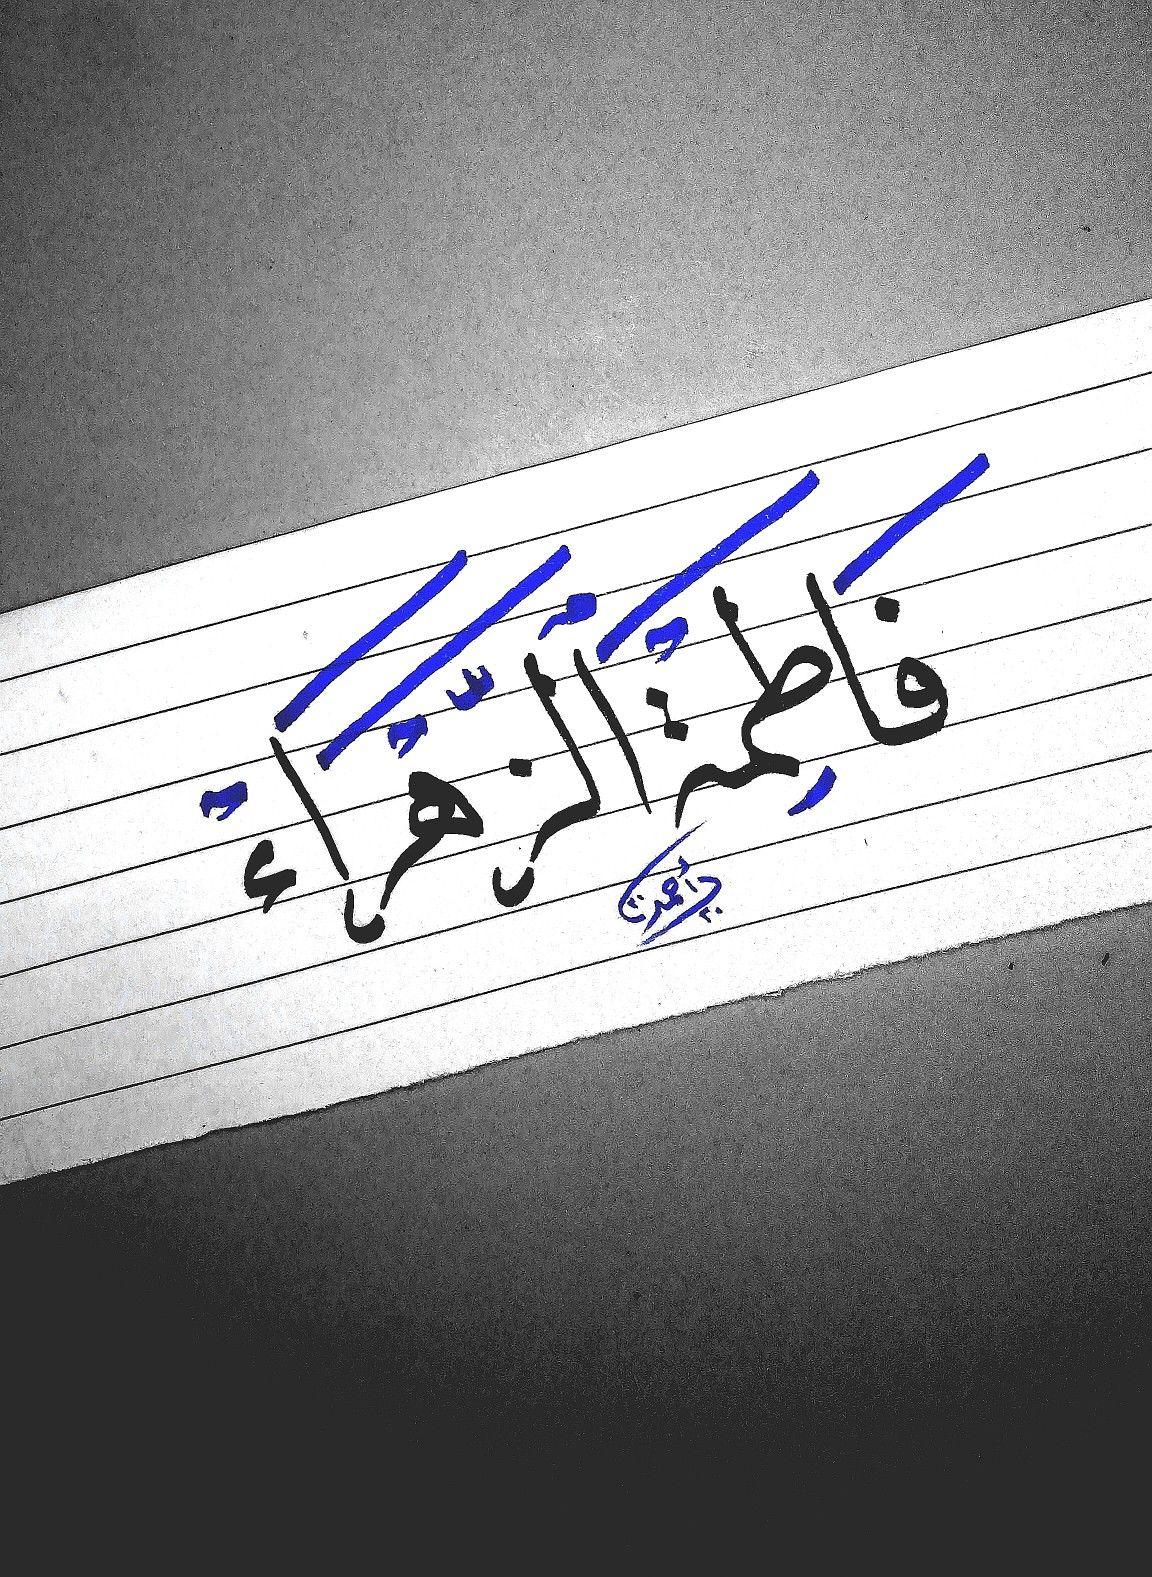 فاطمة الزهراء اللهم صل على سيدنا محمد وعلى آله وصحبه أجمعين Arabic Calligraphy Calligraphy Handwriting